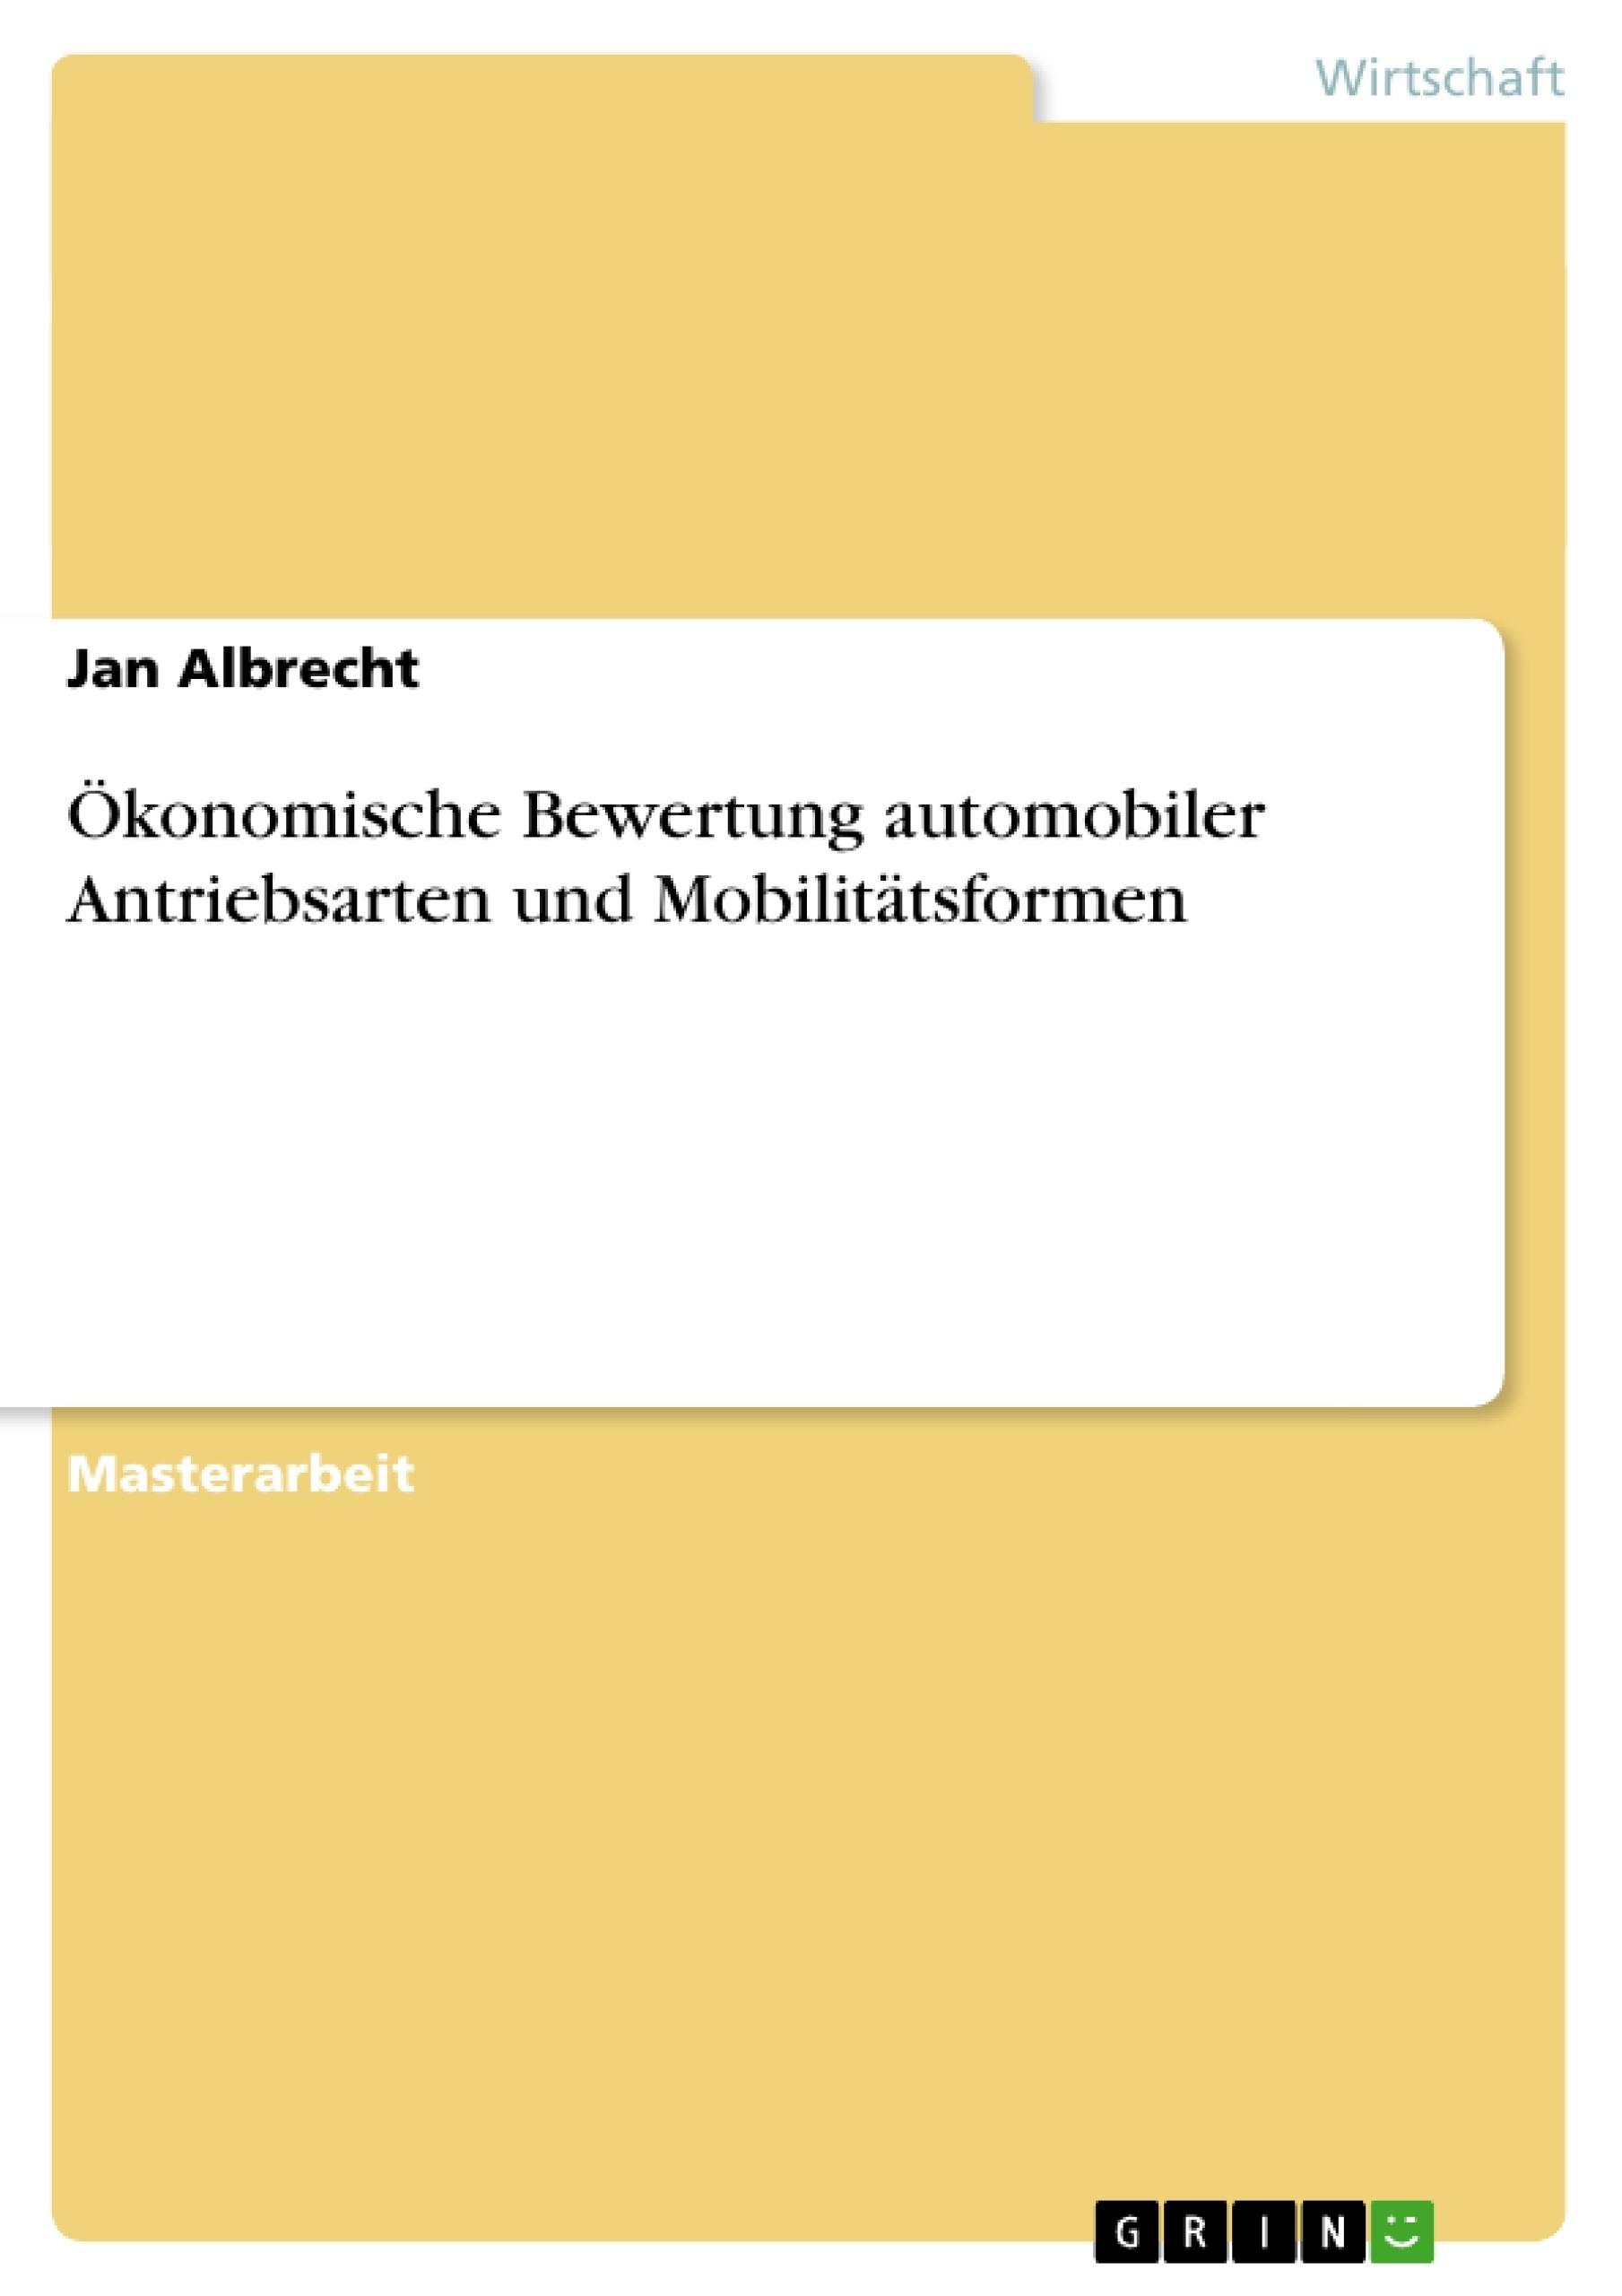 Titel: Ökonomische Bewertung automobiler Antriebsarten und Mobilitätsformen